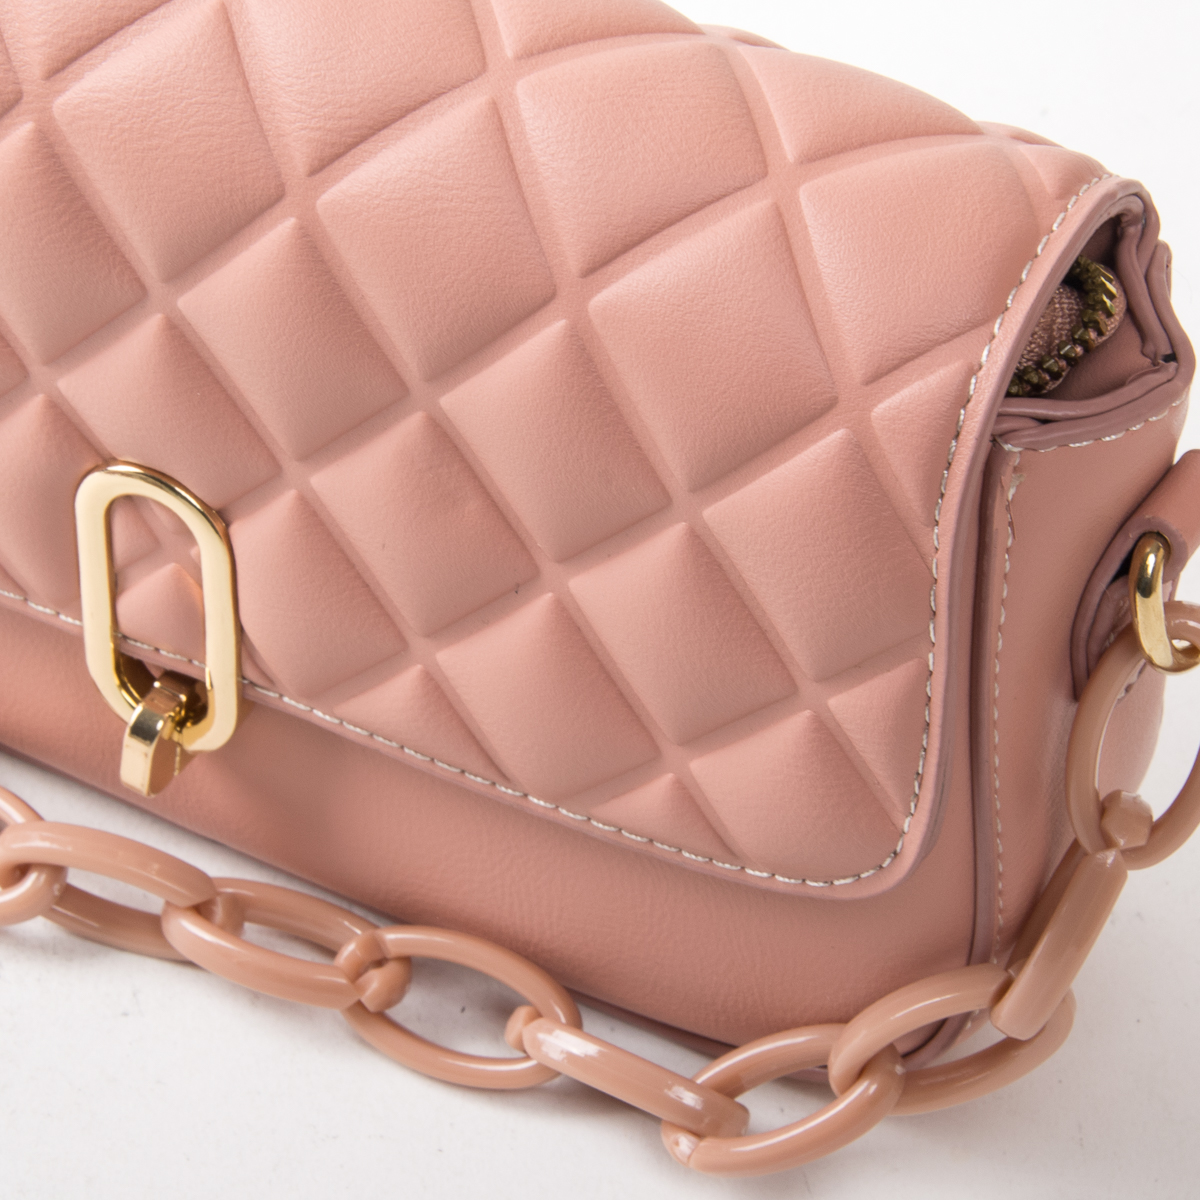 Сумка Женская Классическая иск-кожа FASHION 01-00 8697 pink - фото 3